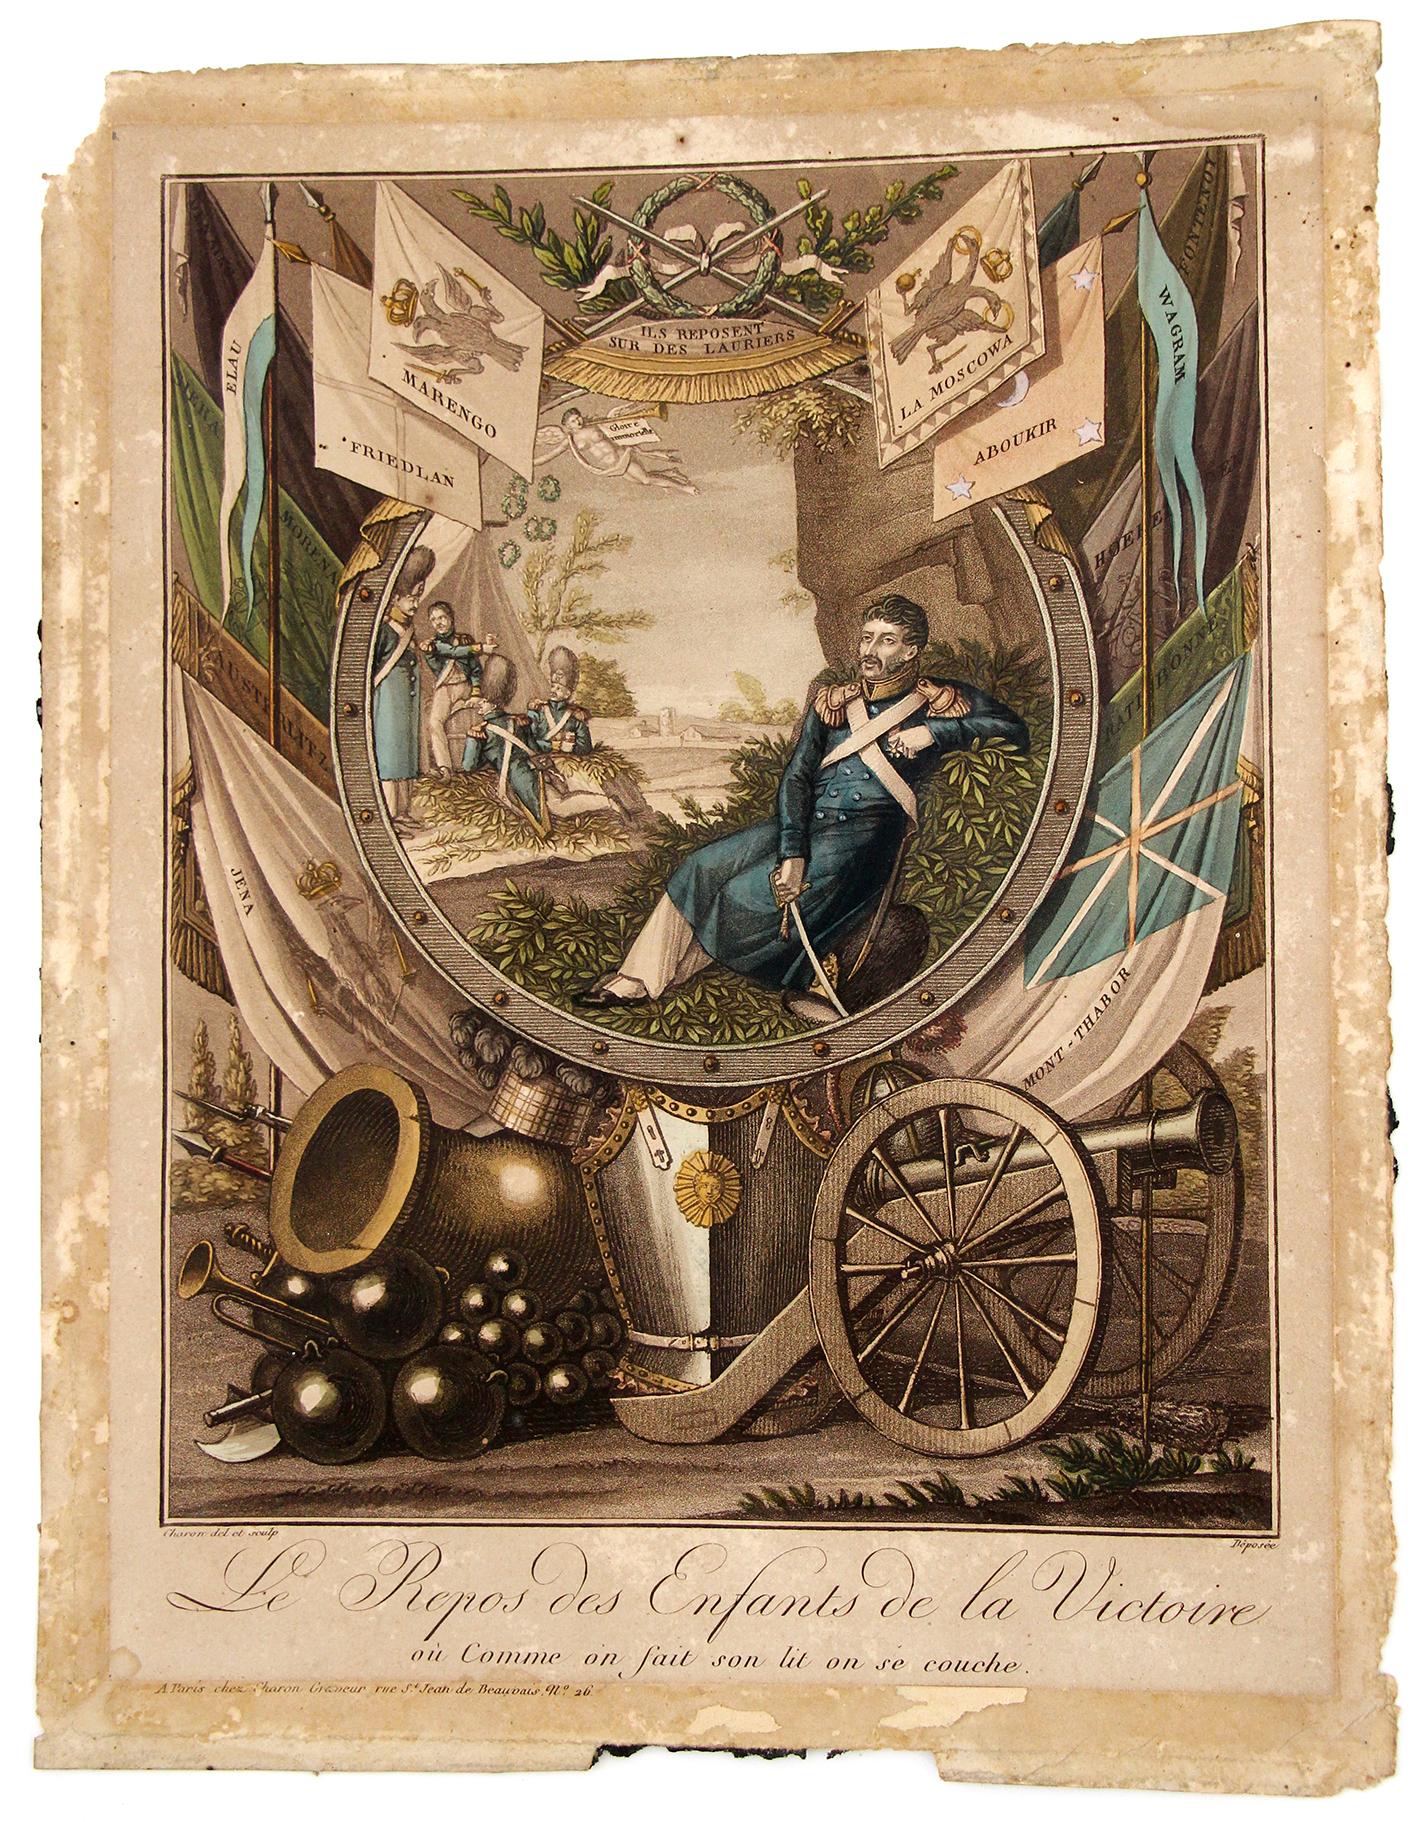 Gravure à la gloire du soldat Grenadier de la Garde et ses campagnes sous les ordres de Napoleon